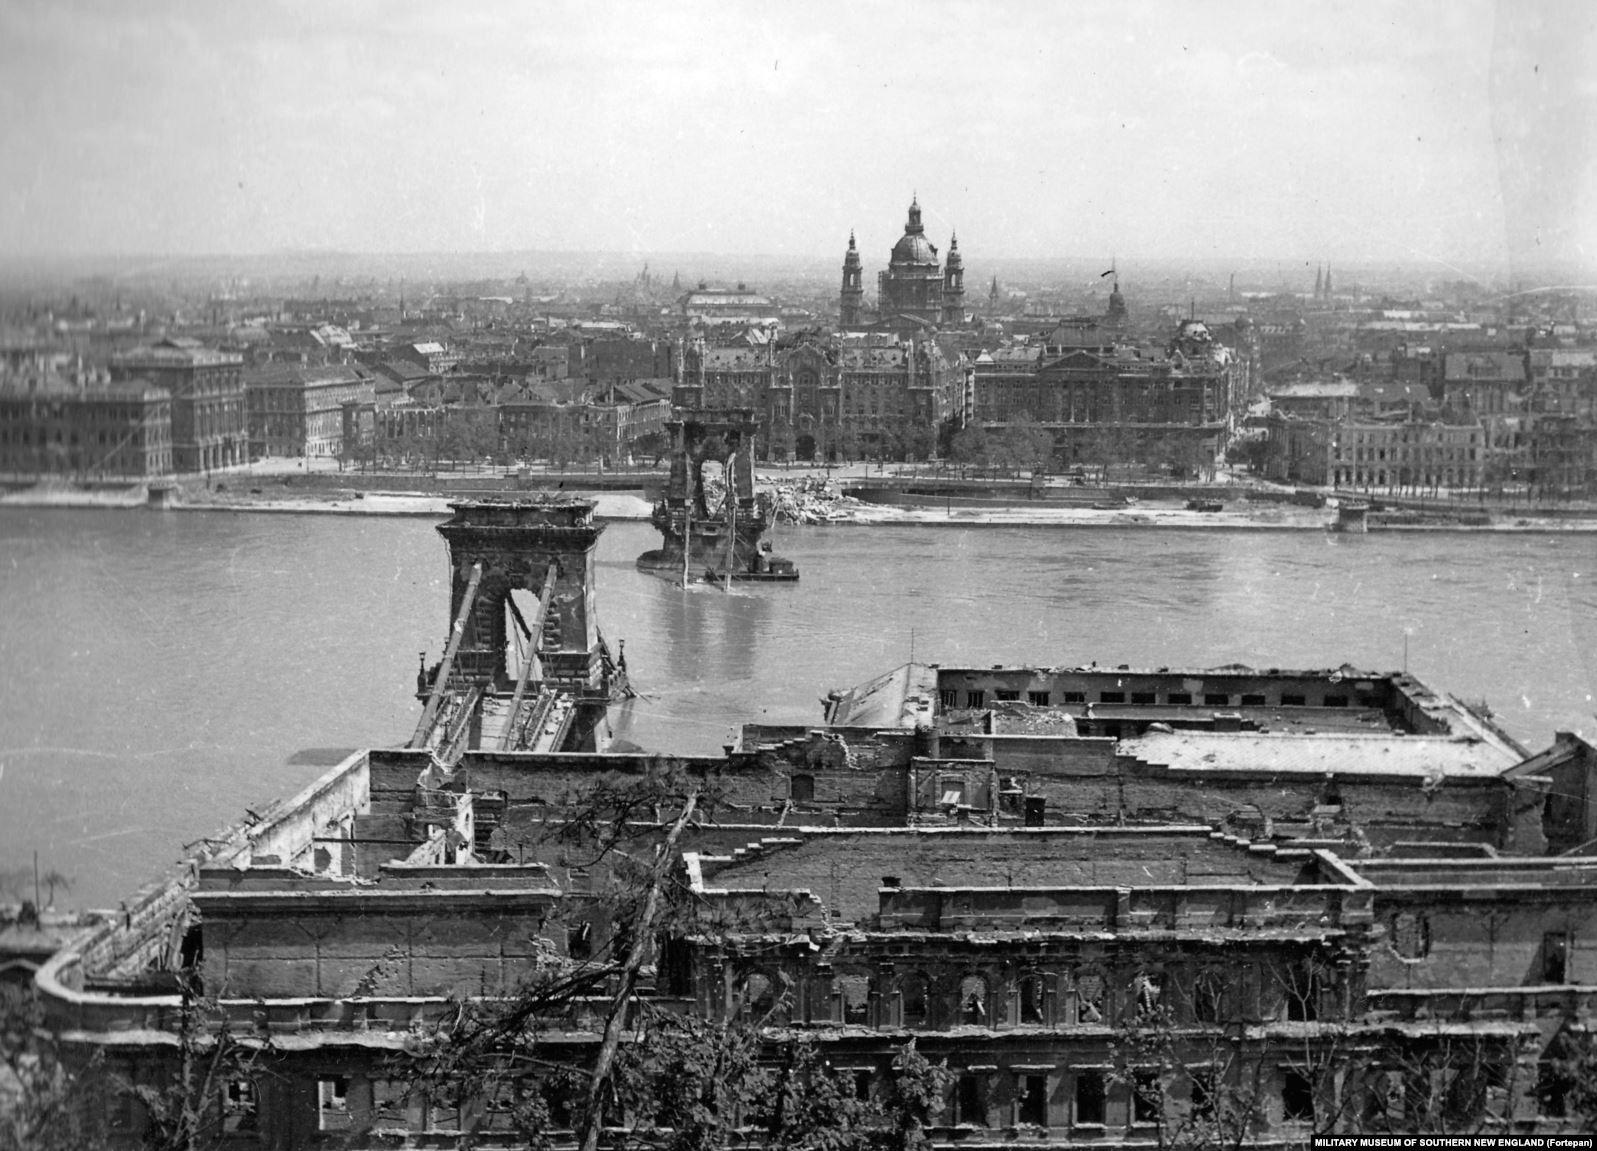 Будапешт в 1945 году, город разрушен войной. Эти фотографии хранятся в архиве Фортепан, коллекции, состоящей из более чем 100 тысяч фотографий с 1900 по 1990 годы, в основном венгерской истории